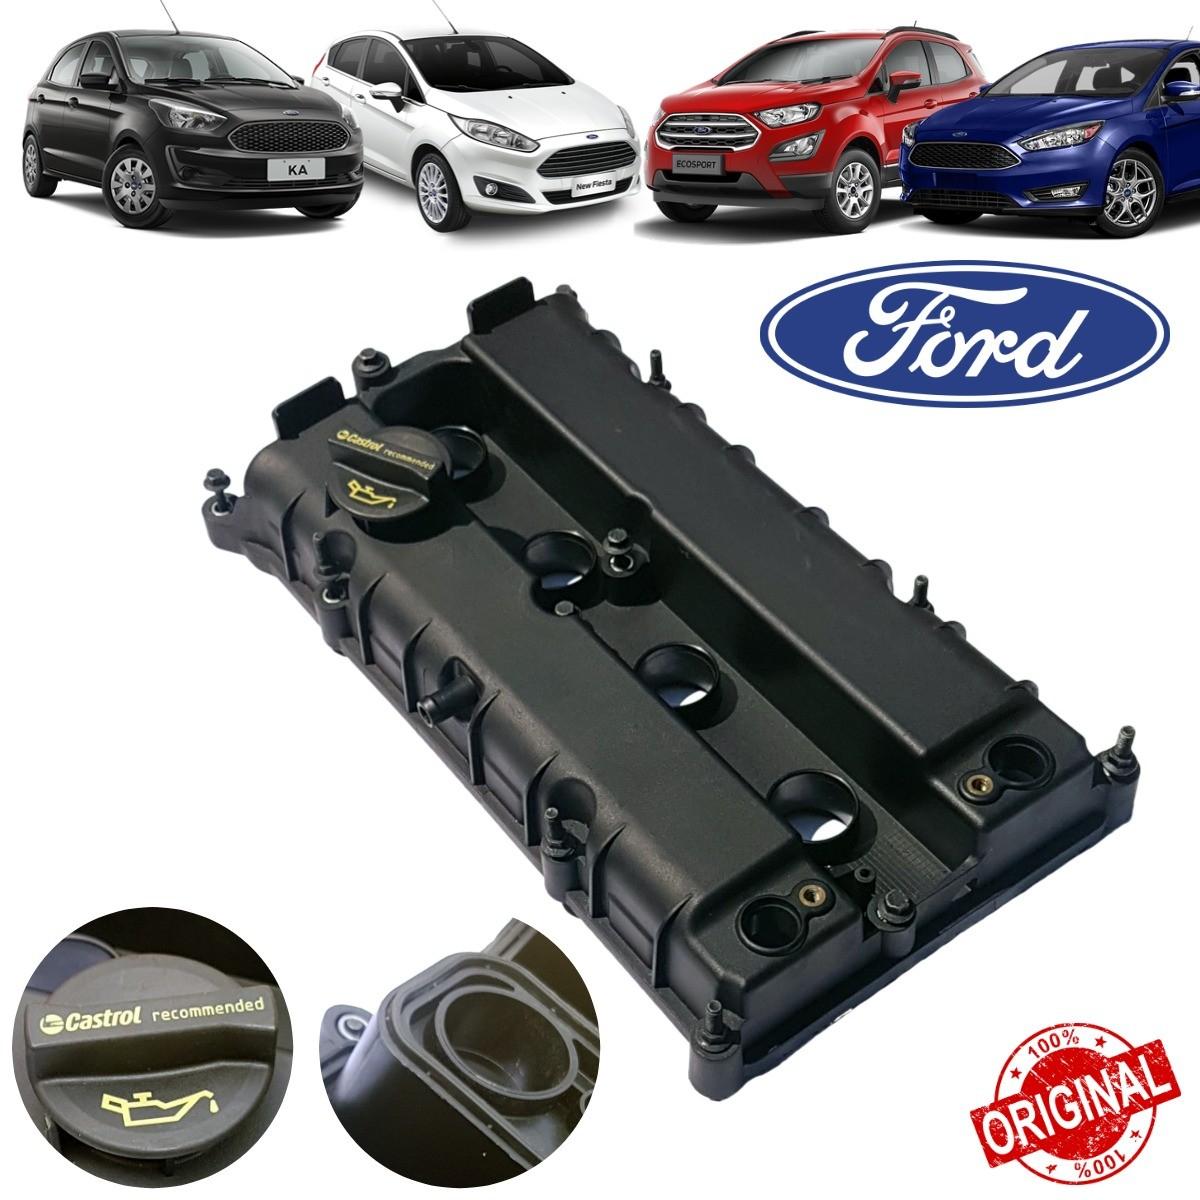 Tampa Válvulas do cabeçote Motor Ford Sigma Fiesta, Focus, Ka, Ecosport - Original